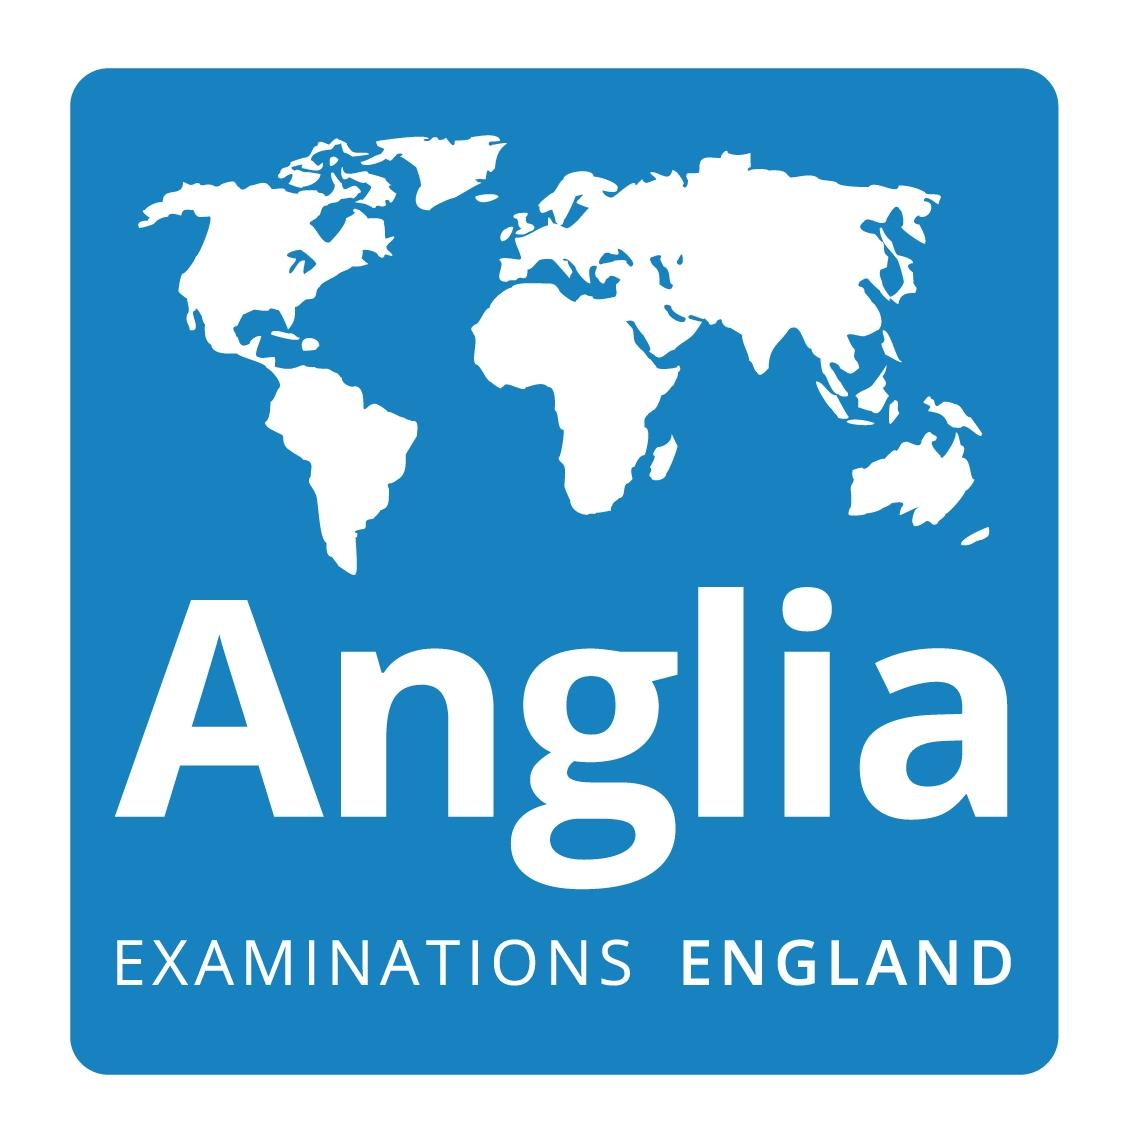 Preparación para Exámenes Anglia